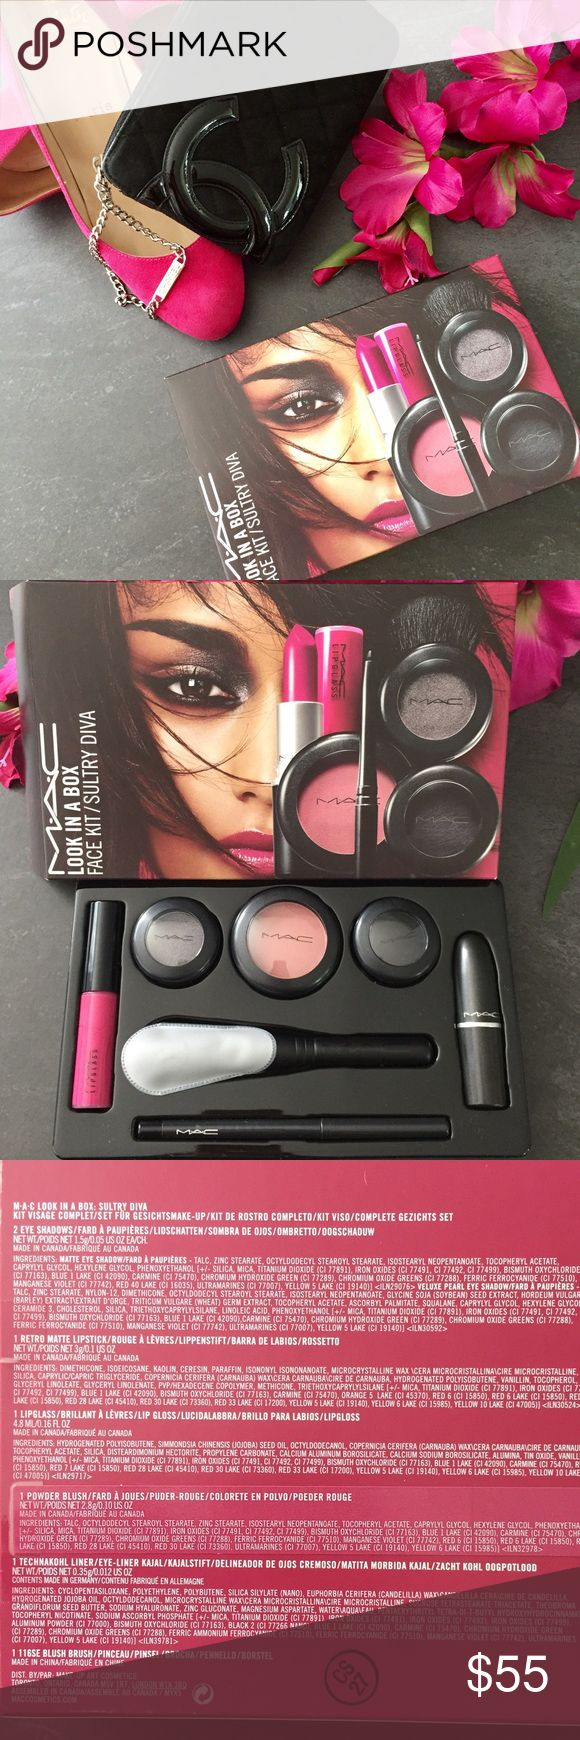 The 25+ best Mac makeup kits ideas on Pinterest | Mac makeup Mac cosmetics and Mac makeup products & The 25+ best Mac makeup kits ideas on Pinterest | Mac makeup Mac ... Aboutintivar.Com